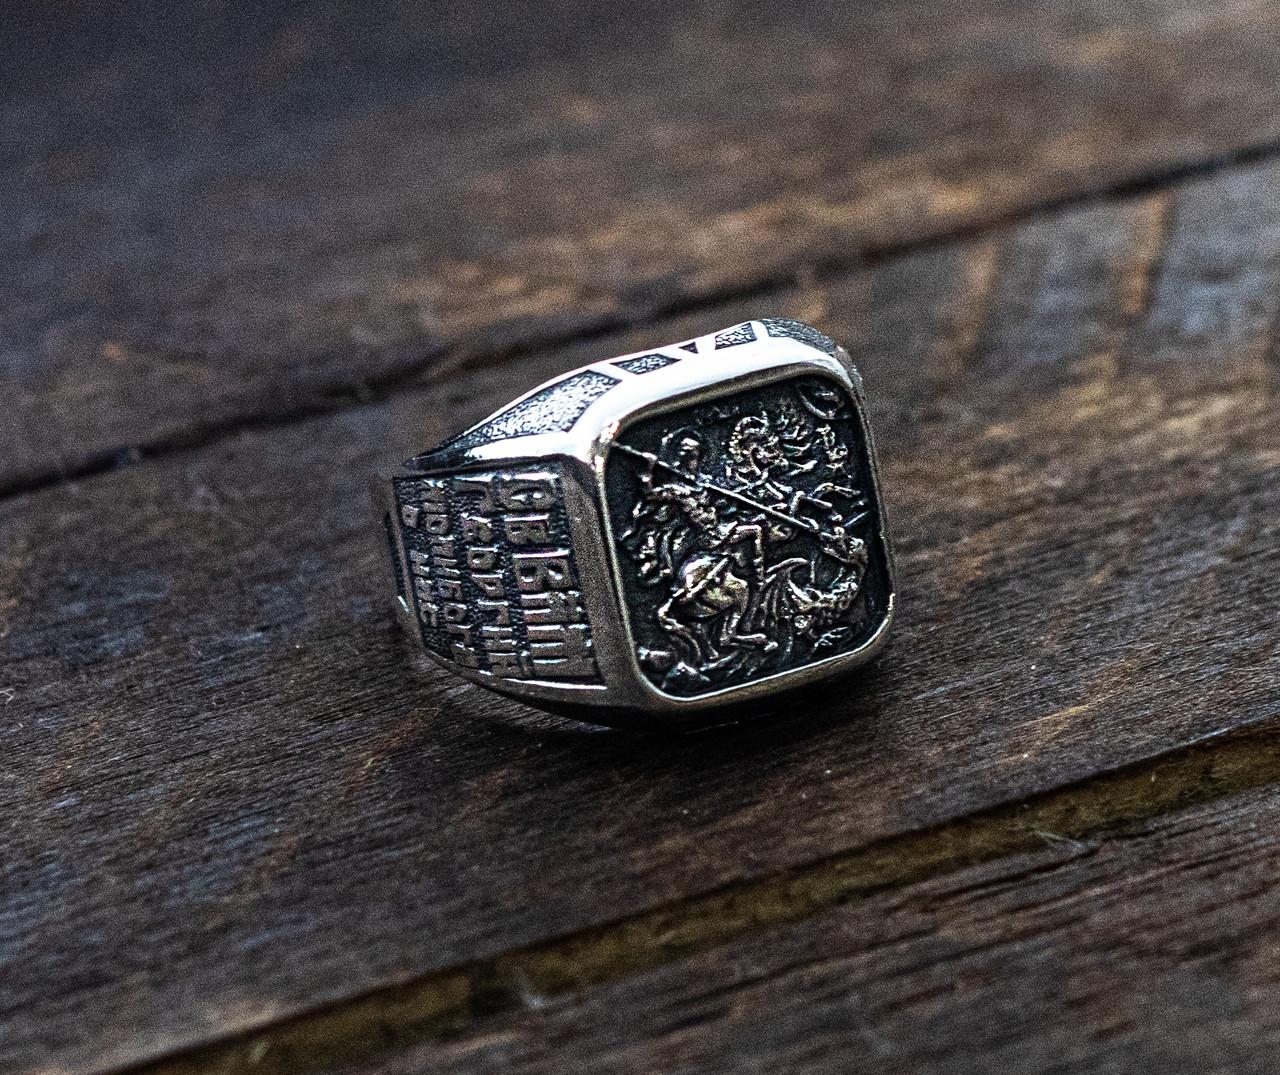 Кольцо серебряное  ВЕЛИКОМУЧЕНИК ГЕОРГИЙ ПОБЕДОНОСЕЦ  108.041-R